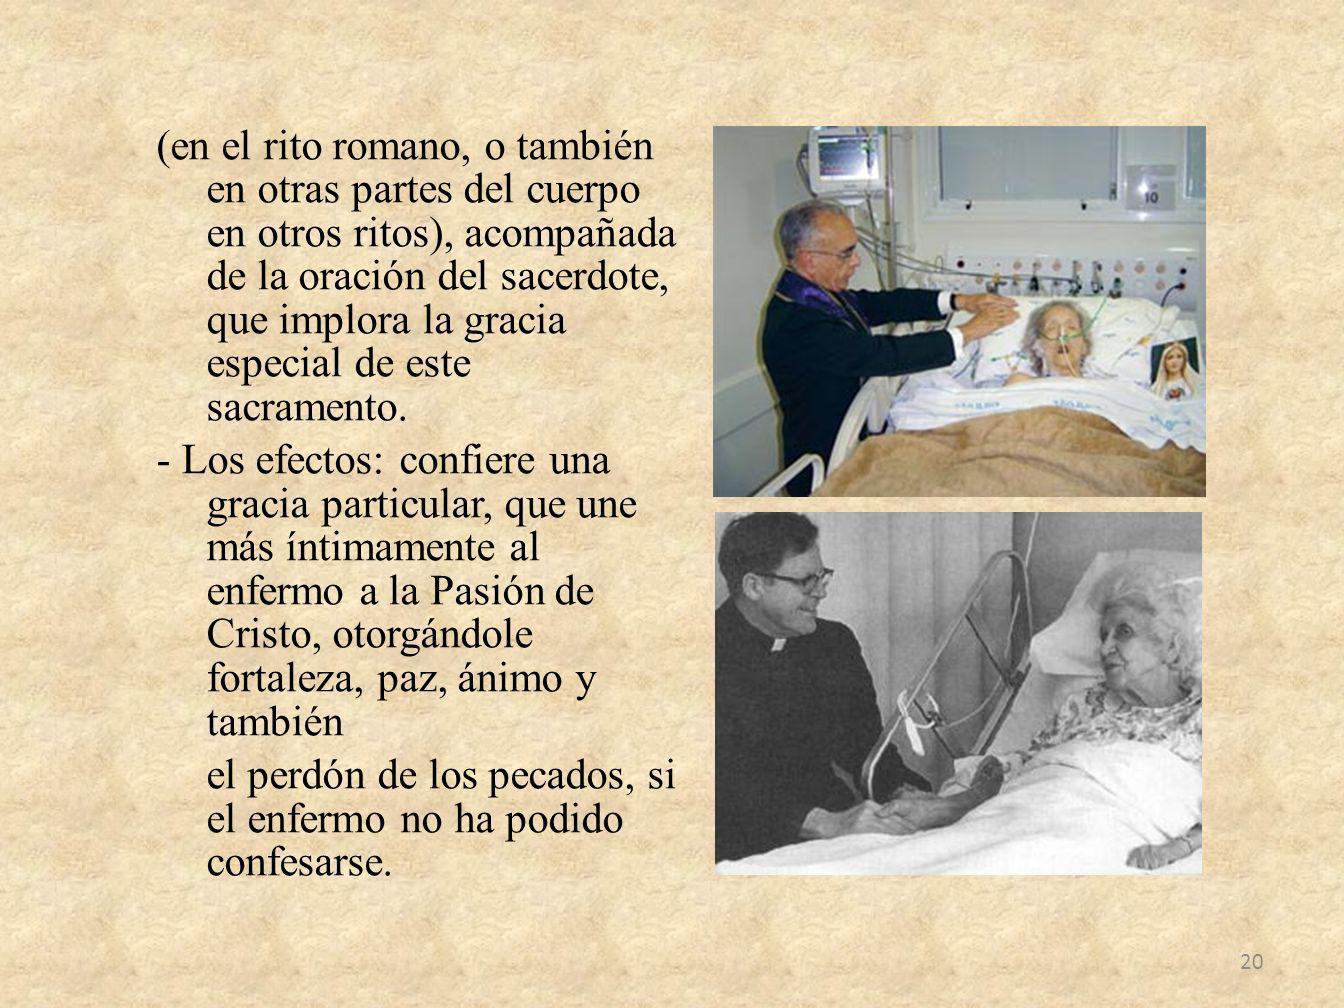 (en el rito romano, o también en otras partes del cuerpo en otros ritos), acompañada de la oración del sacerdote, que implora la gracia especial de es